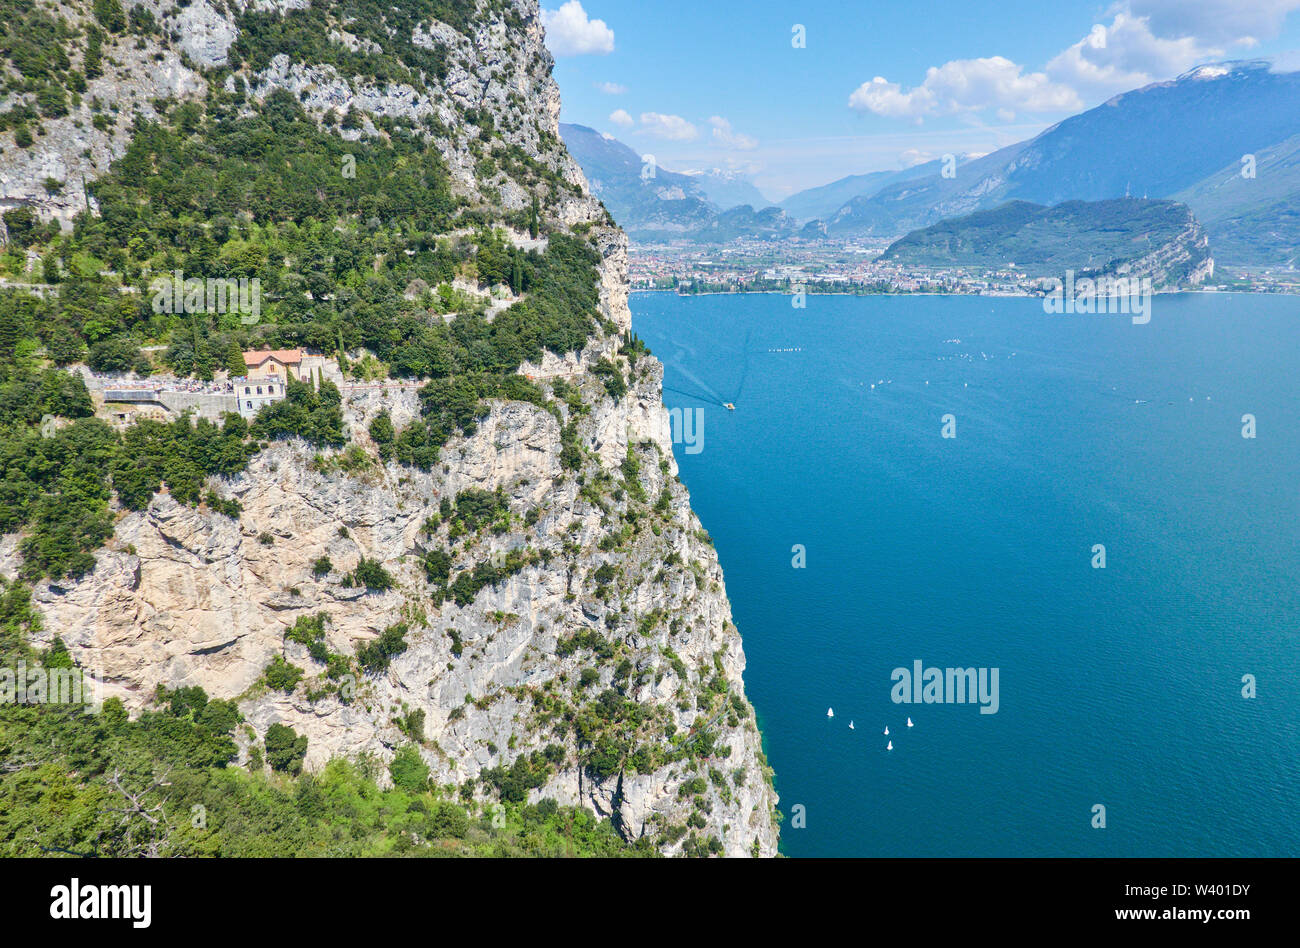 Bike road up to Pregasina  with restaurant and bar  Ponalealto, Ristorante Ponale Alto Belvedere, Monte Brione mountain at Lago di Garda, Lake Garda i - Stock Image